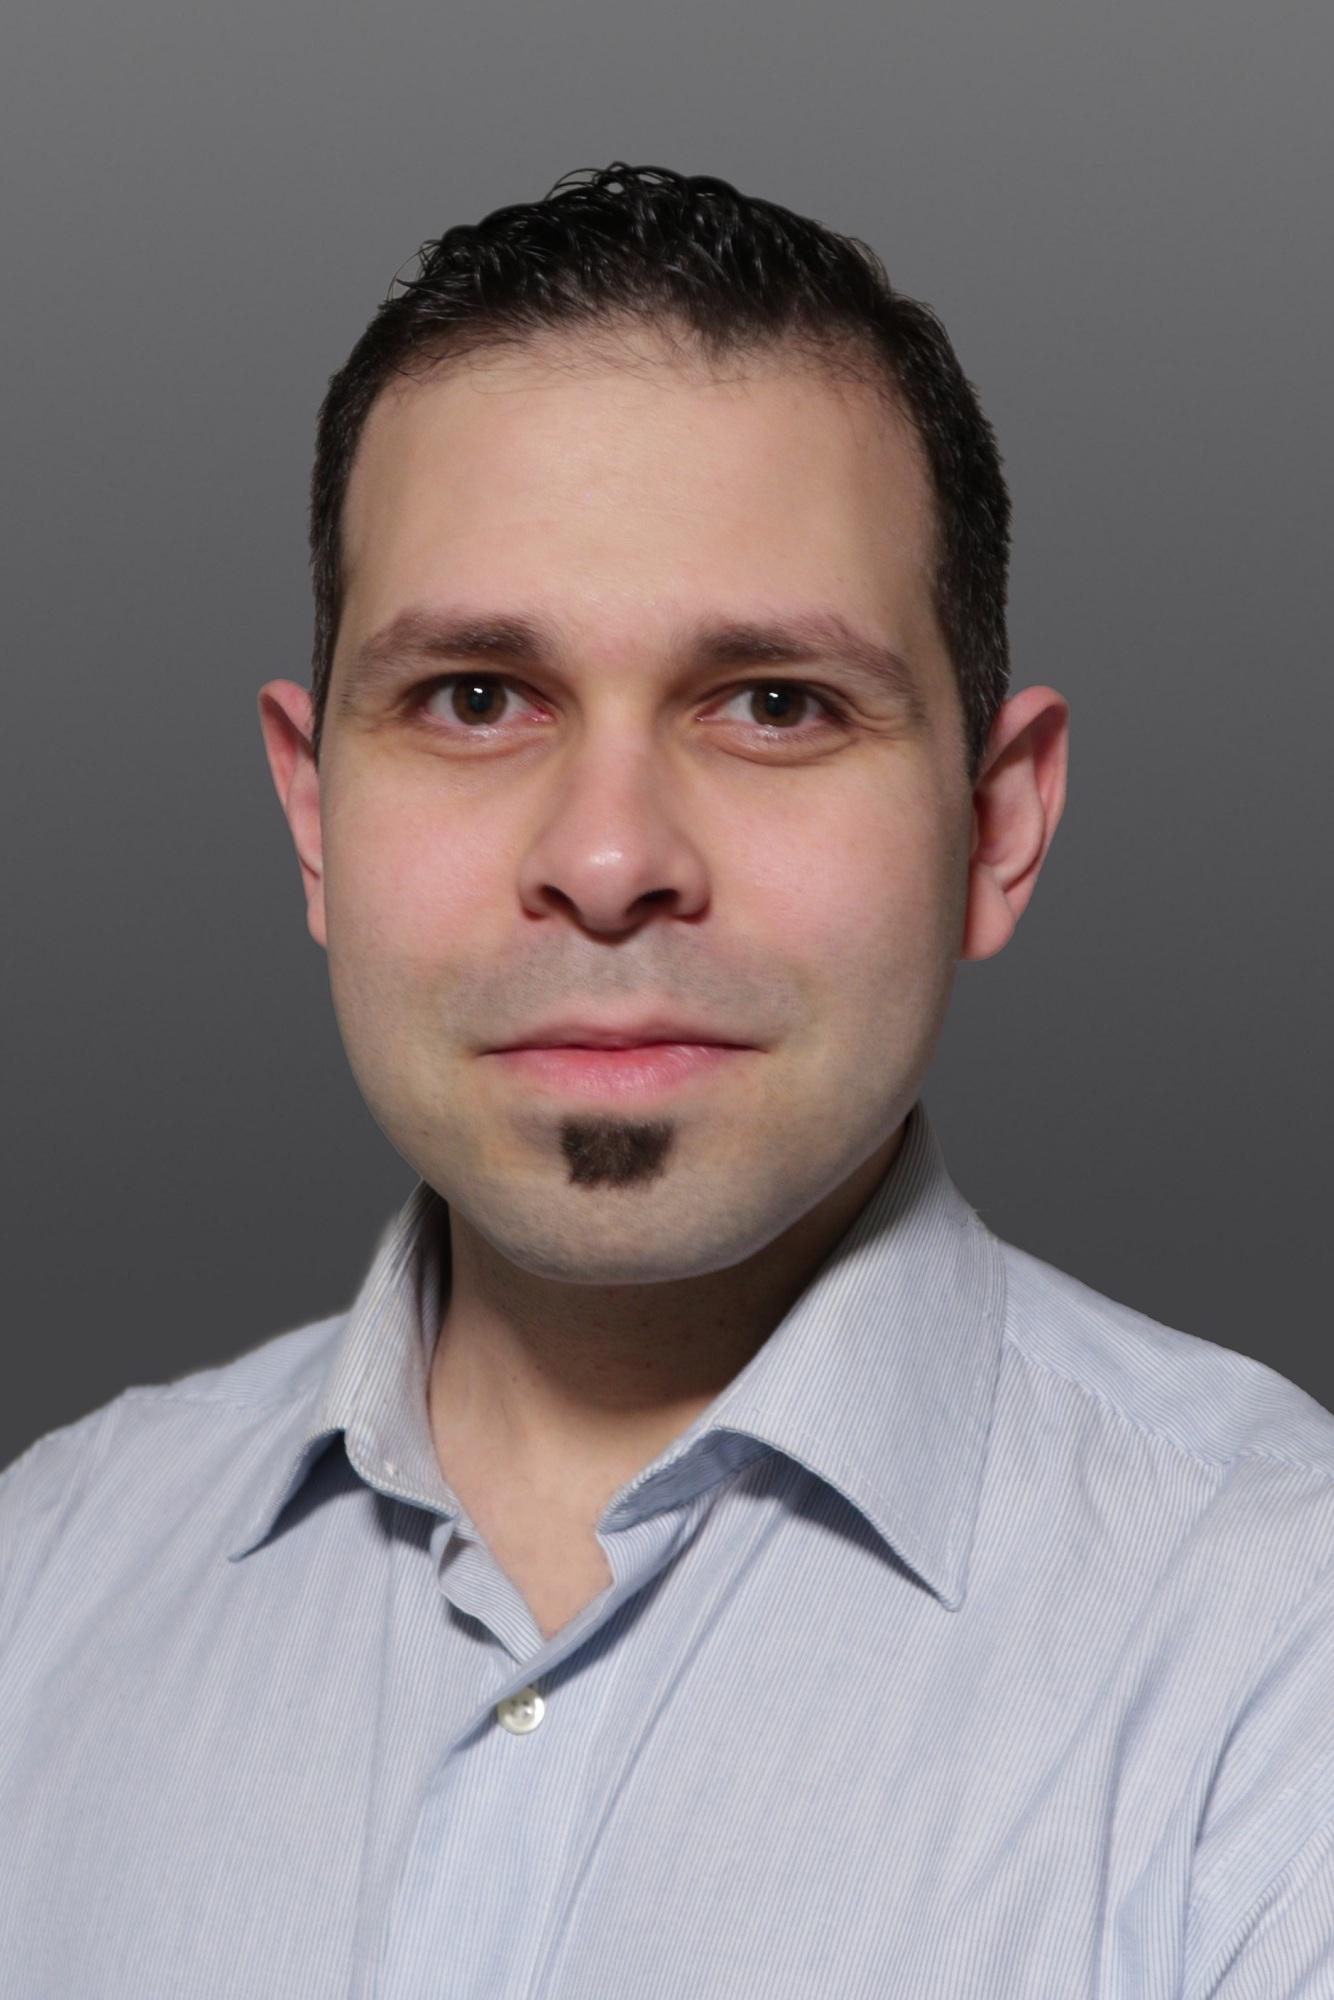 Arash Shahbaz